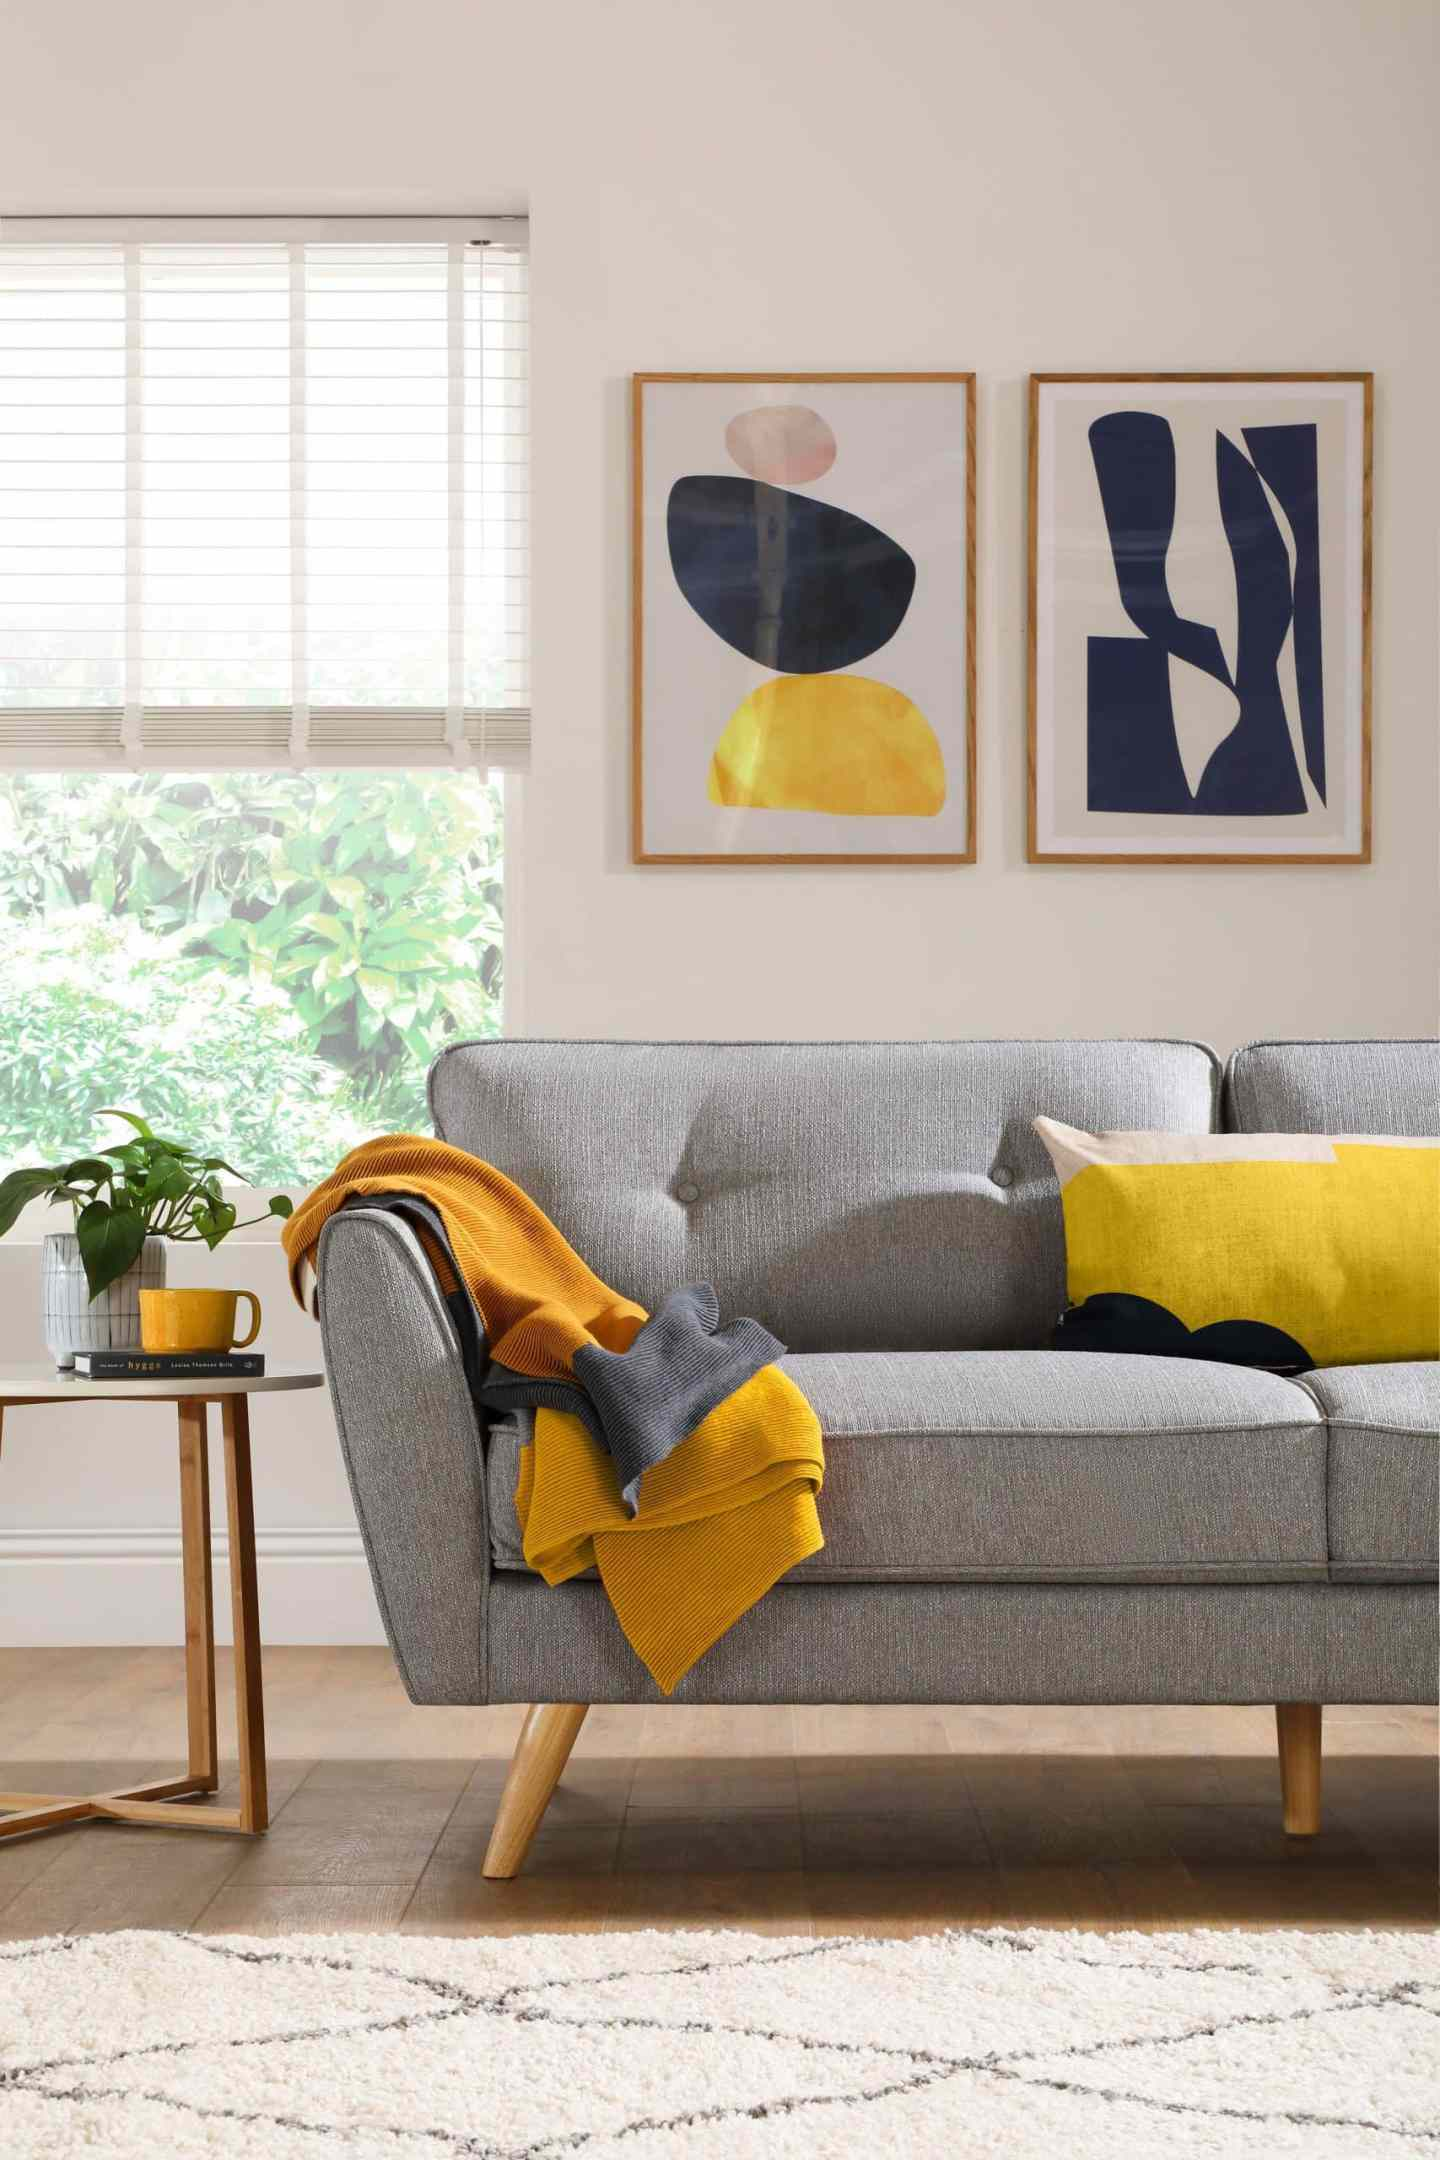 sivi kauč s jarko žutim bacačem i jastukom i apstraktnom umjetnošću